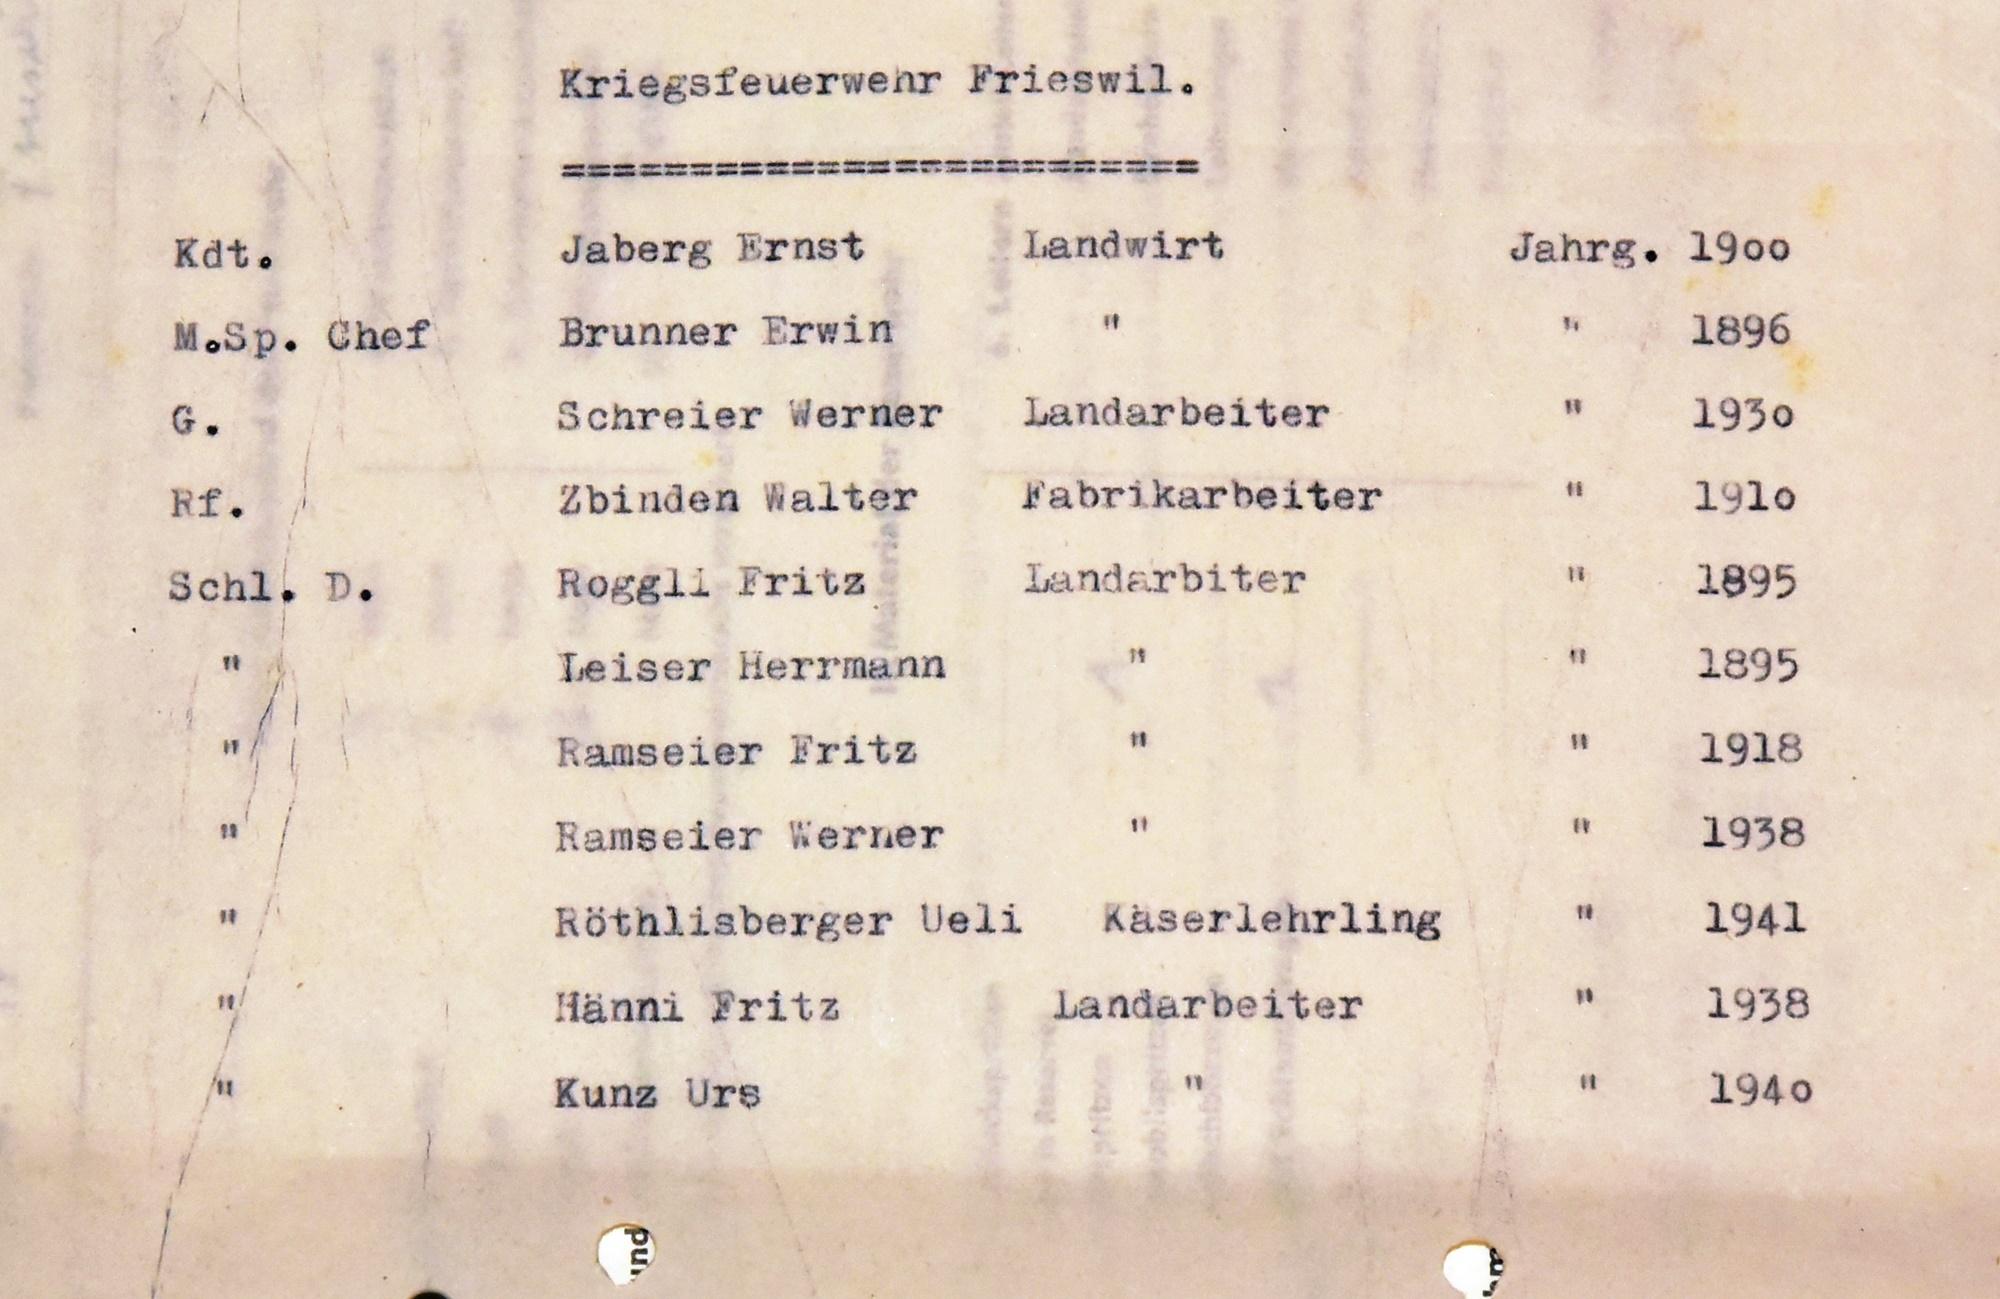 1950 Kriegsfeuerwehr